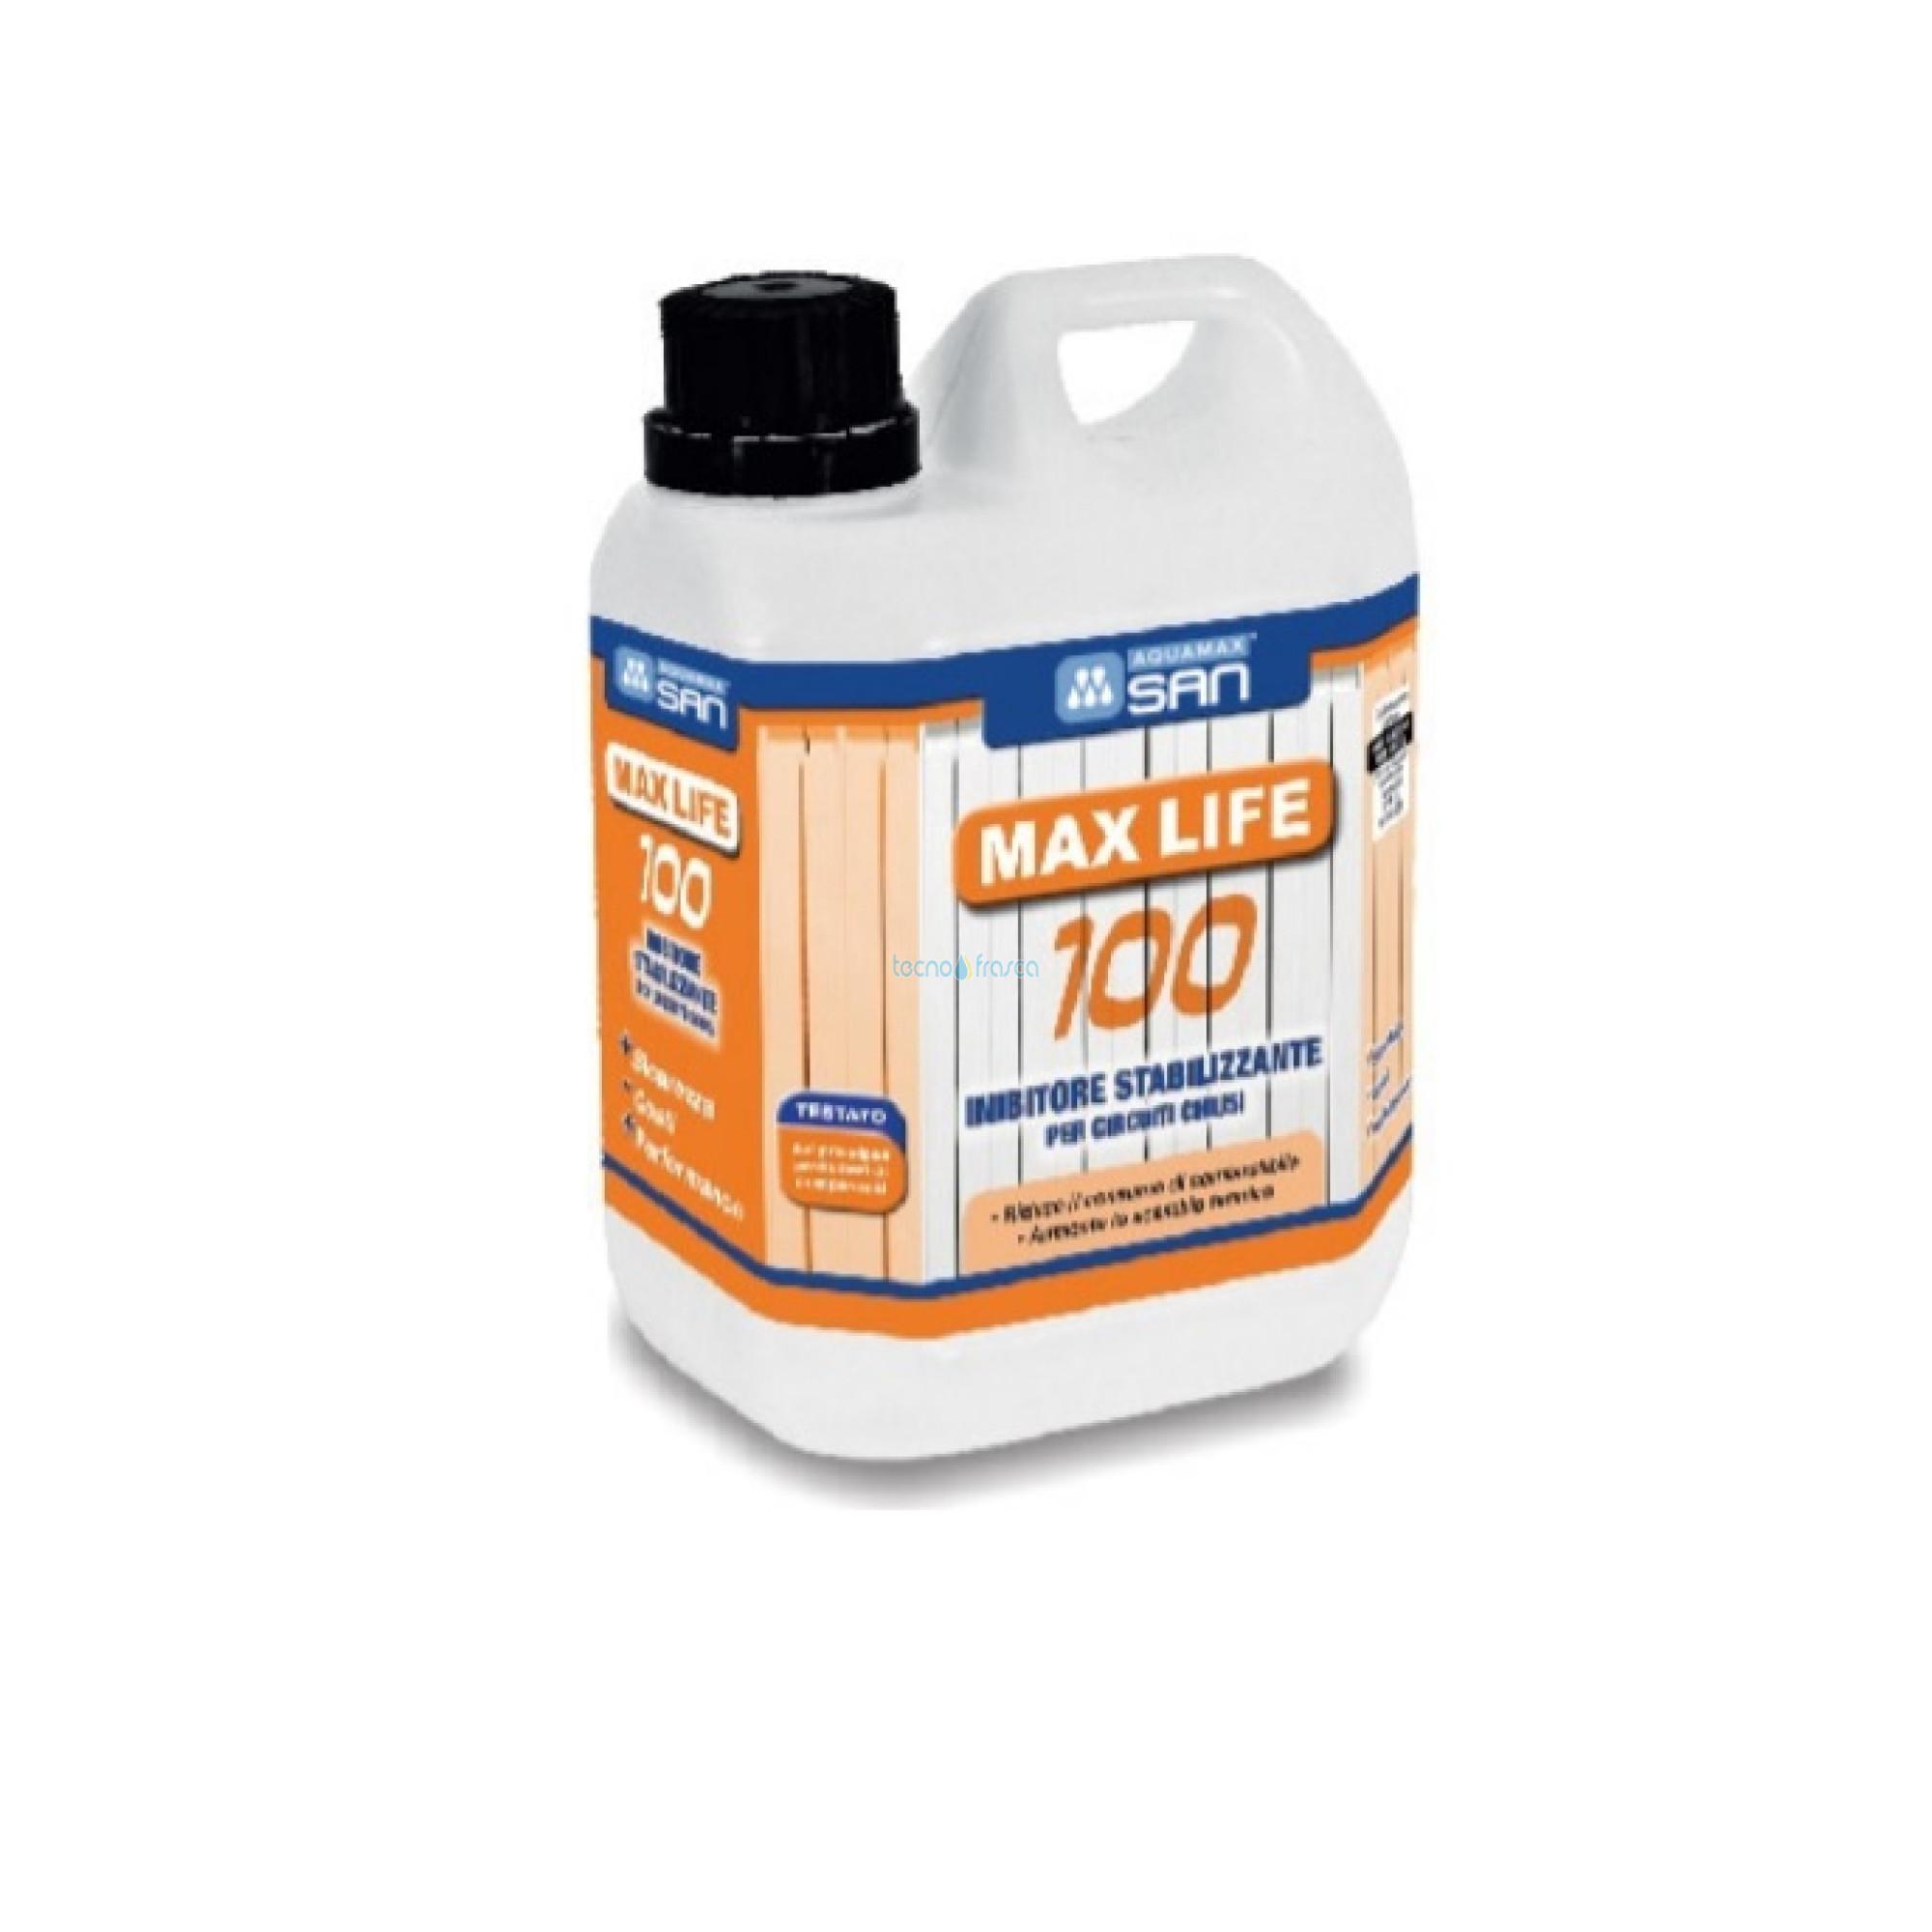 Inibitore di corrosione metallo e plastica max life 100 kg1 10106001